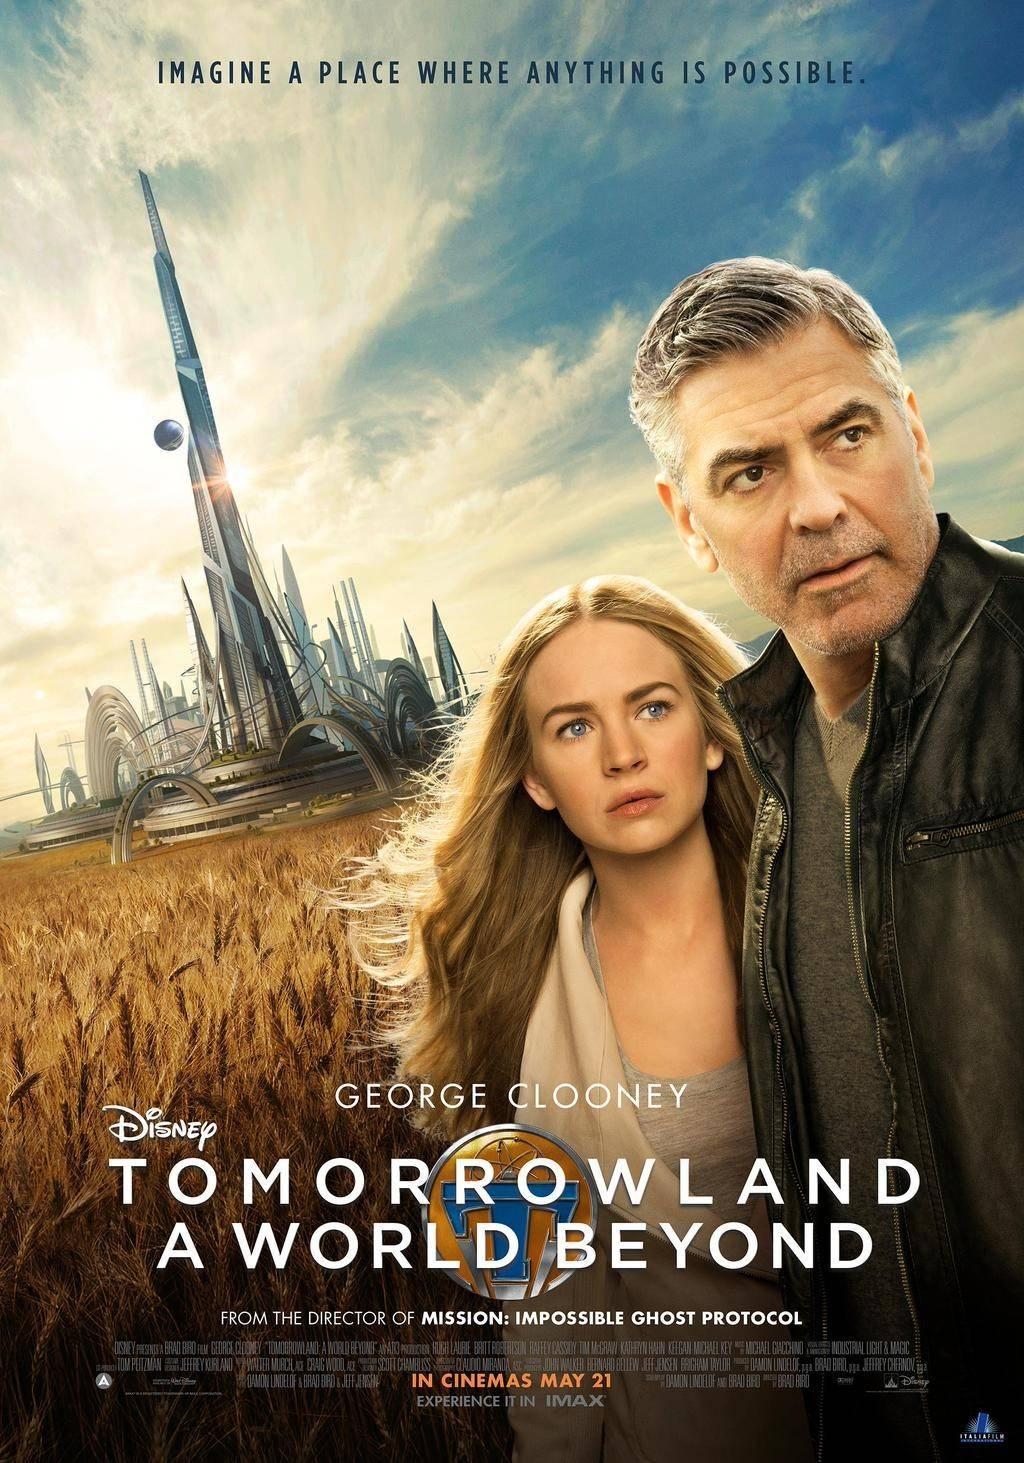 Земля будущего (2015) скачать торрентом фильм бесплатно.